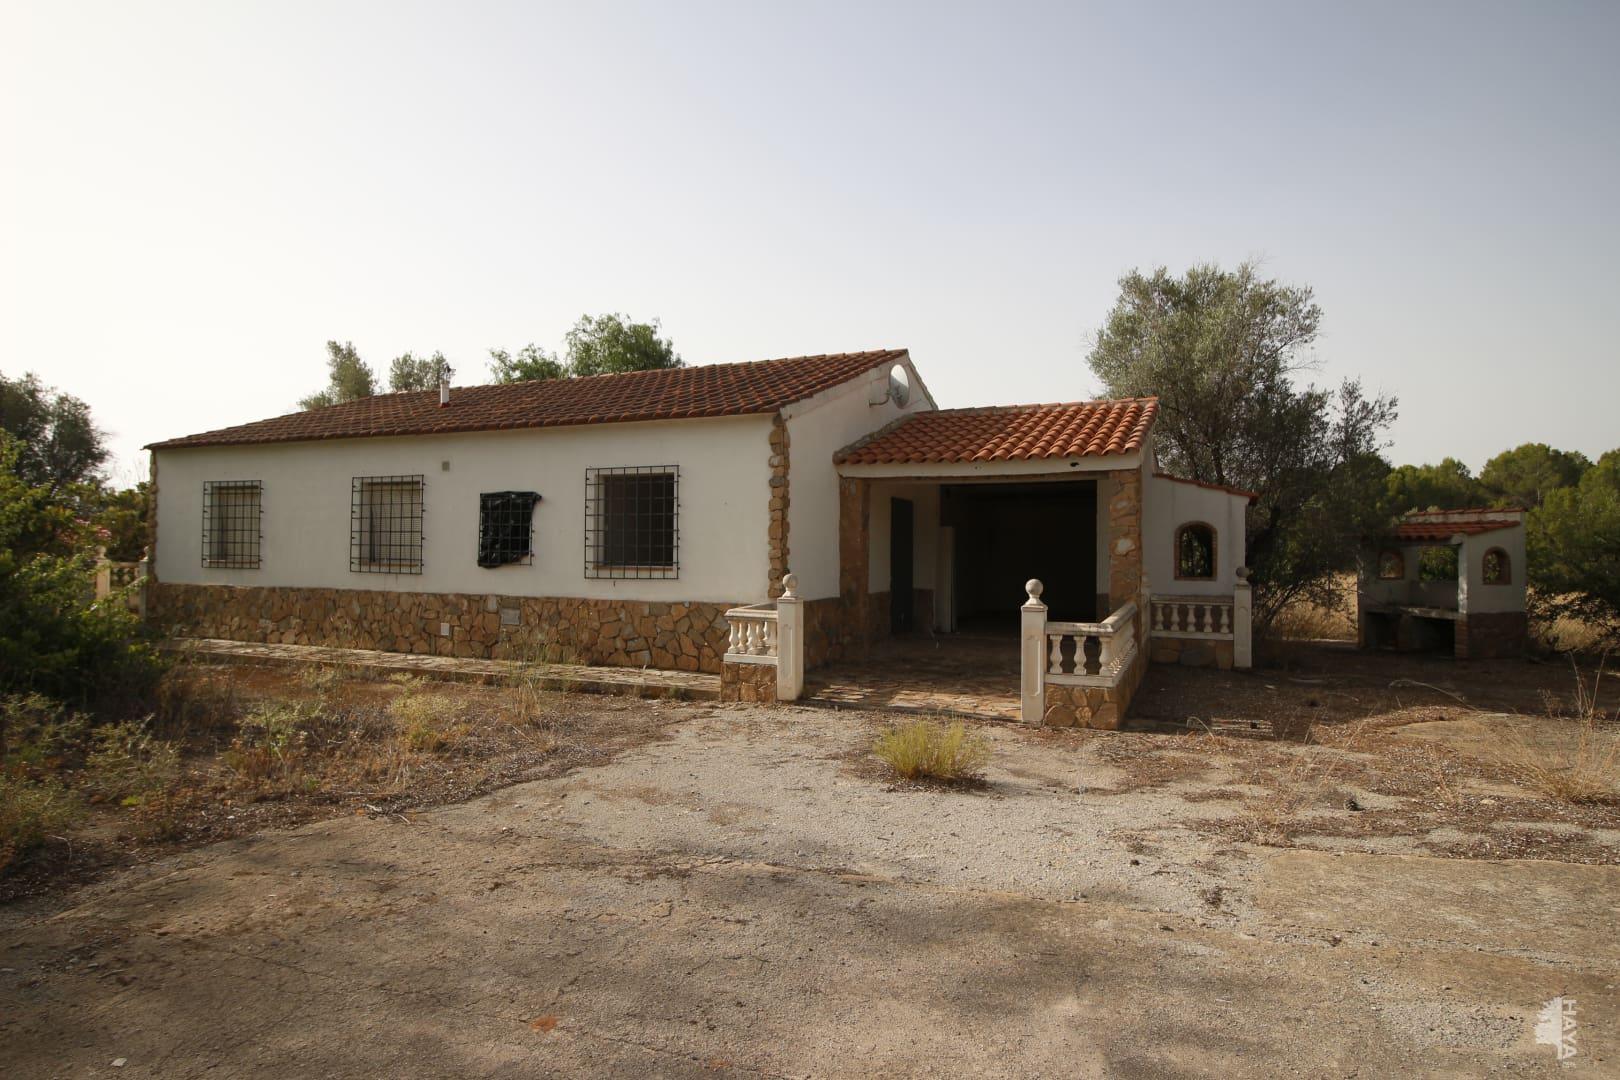 Piso en venta en Bullas, Murcia, Calle Codoñas, 83.101 €, 3 habitaciones, 1 baño, 135 m2